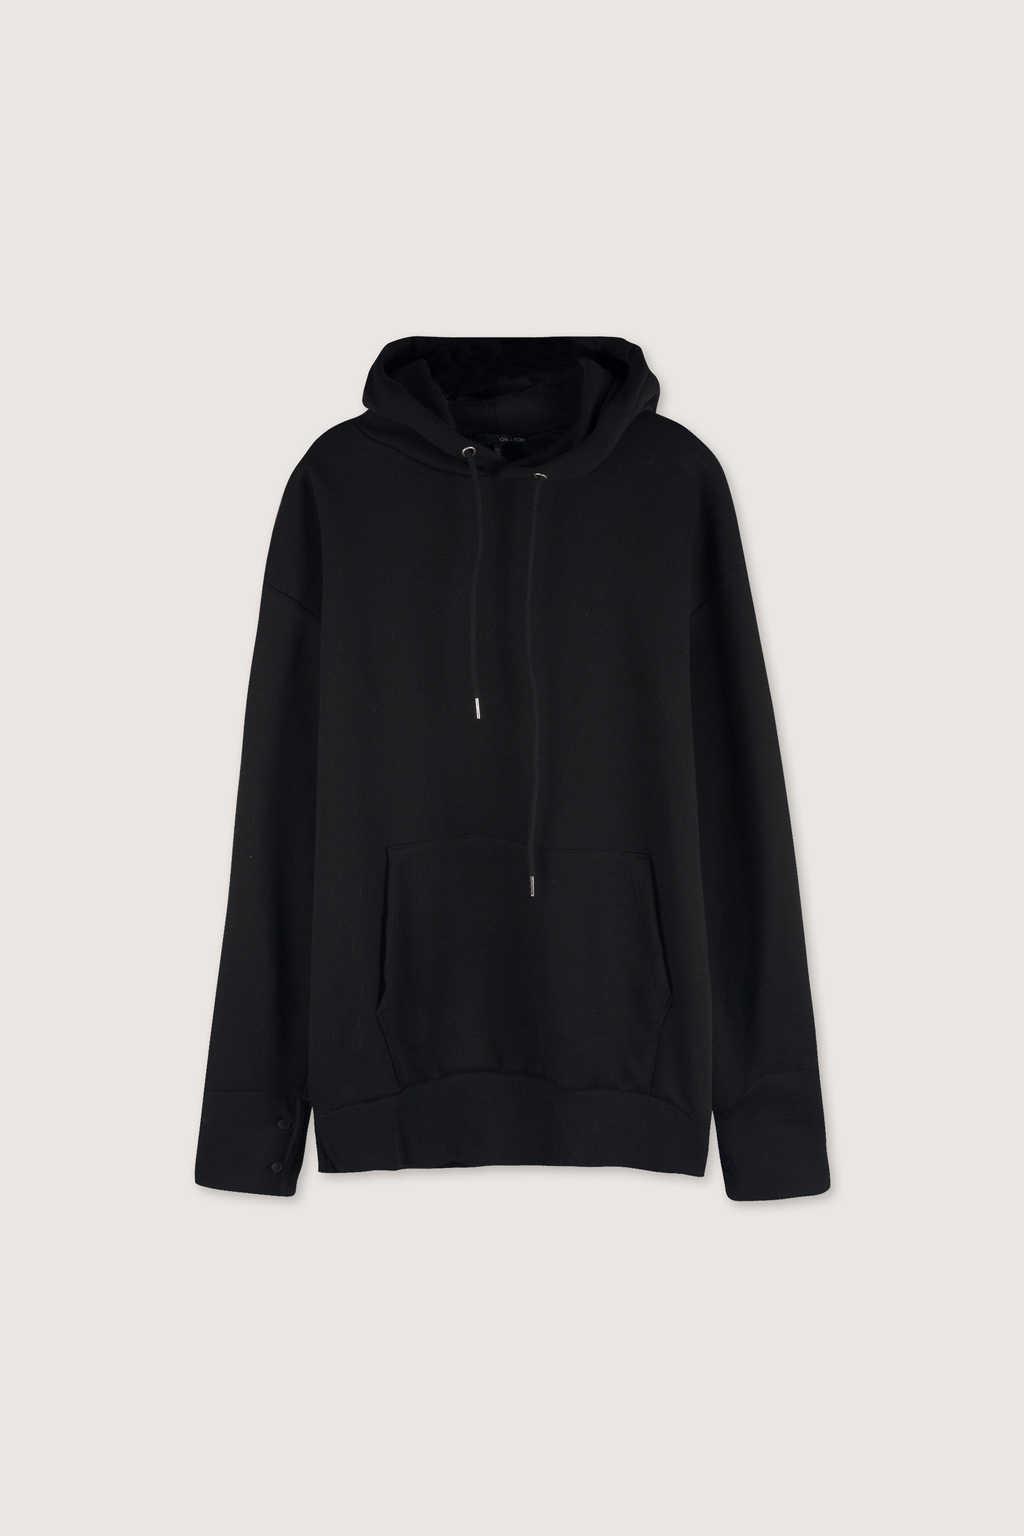 Hoodie H105 Black 11